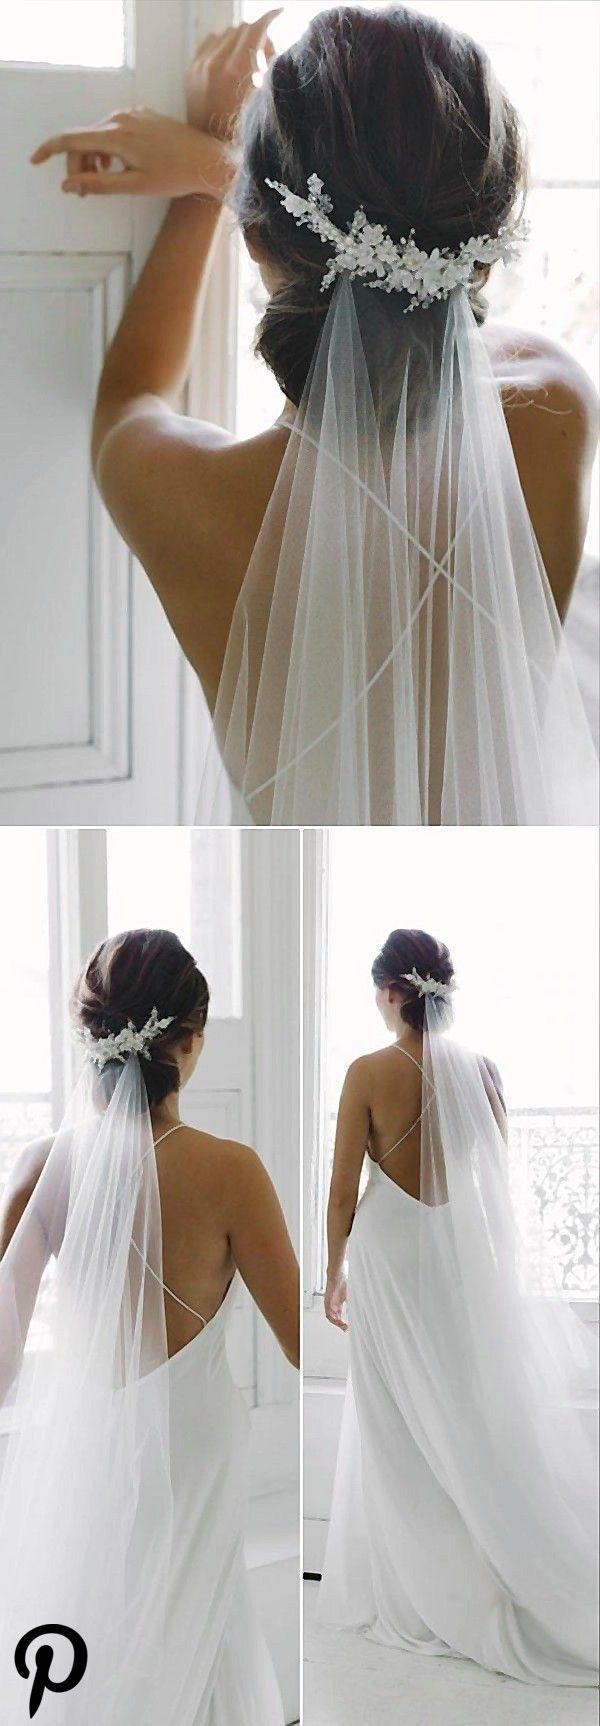 Top 8 Hochzeitsfrisuren mit Schleier und Accessoires #Hairstyles